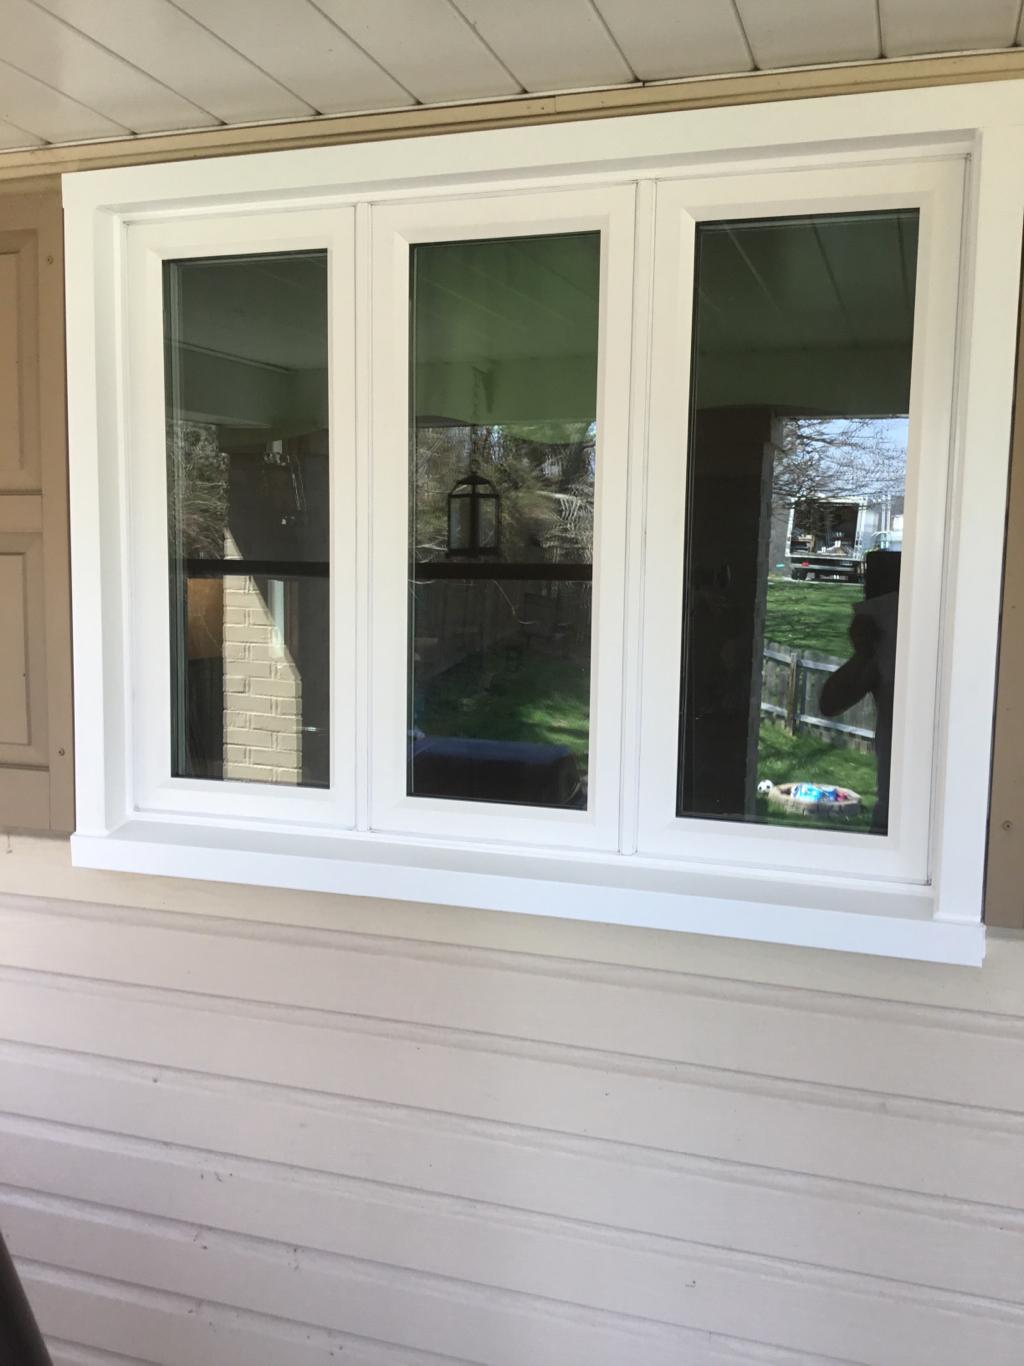 alside windows after